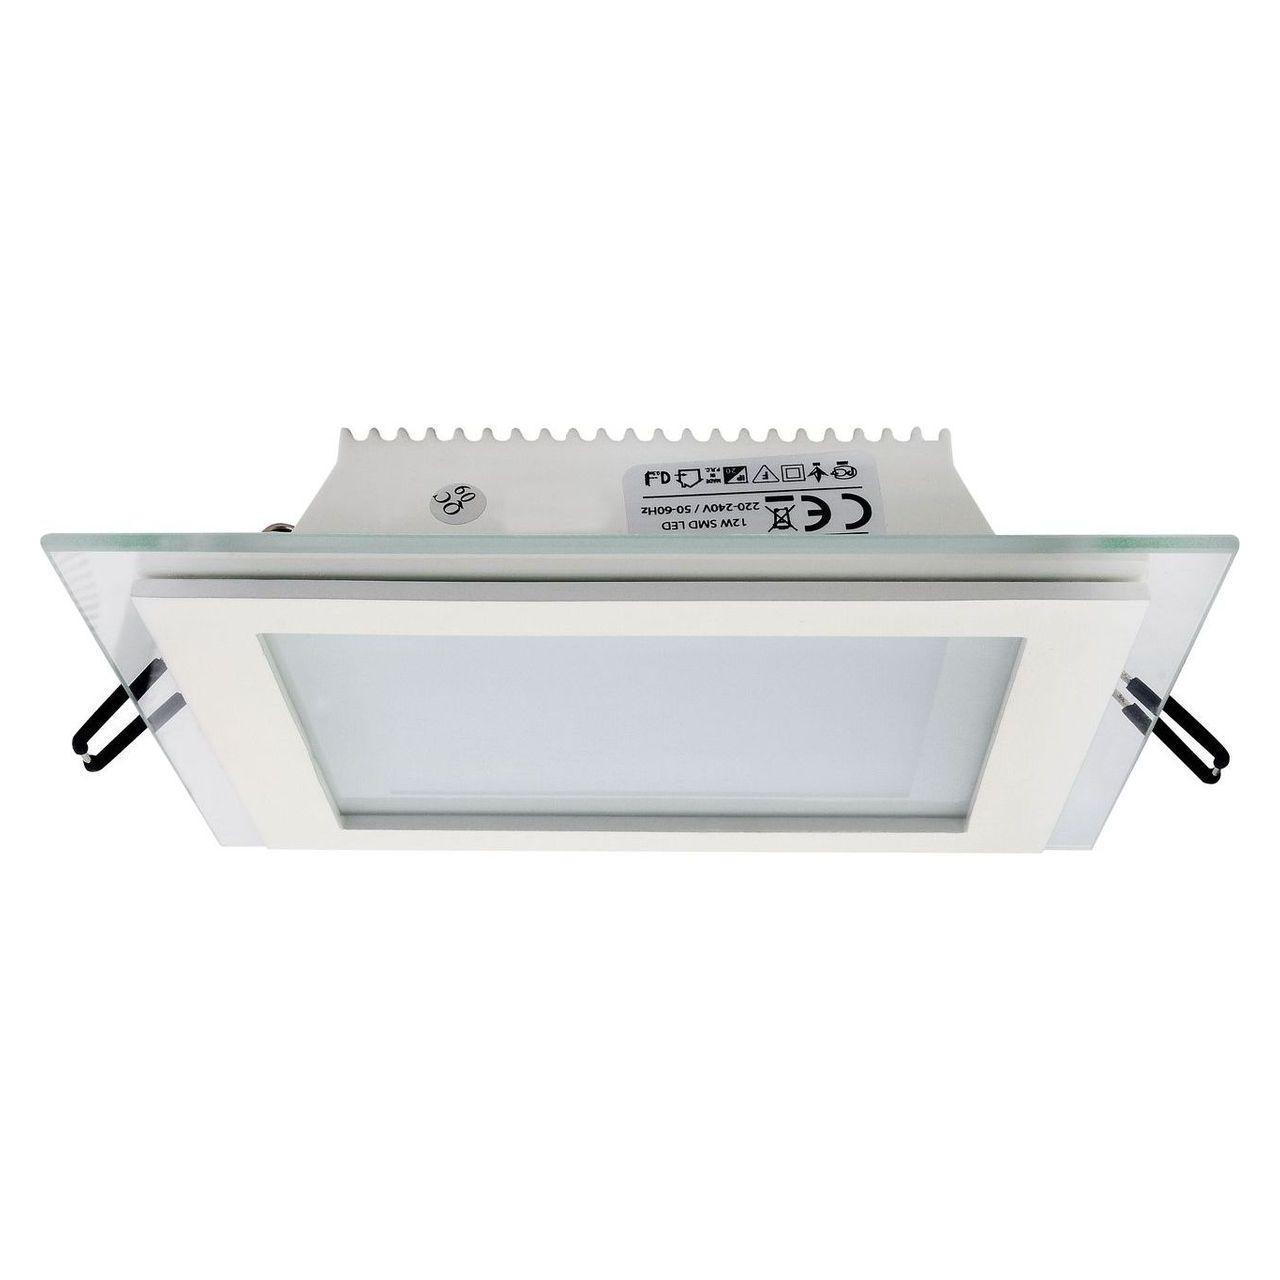 Встраиваемый светодиодный светильник Horoz 12W 6400K белый 016-015-0012 (HL685LG)